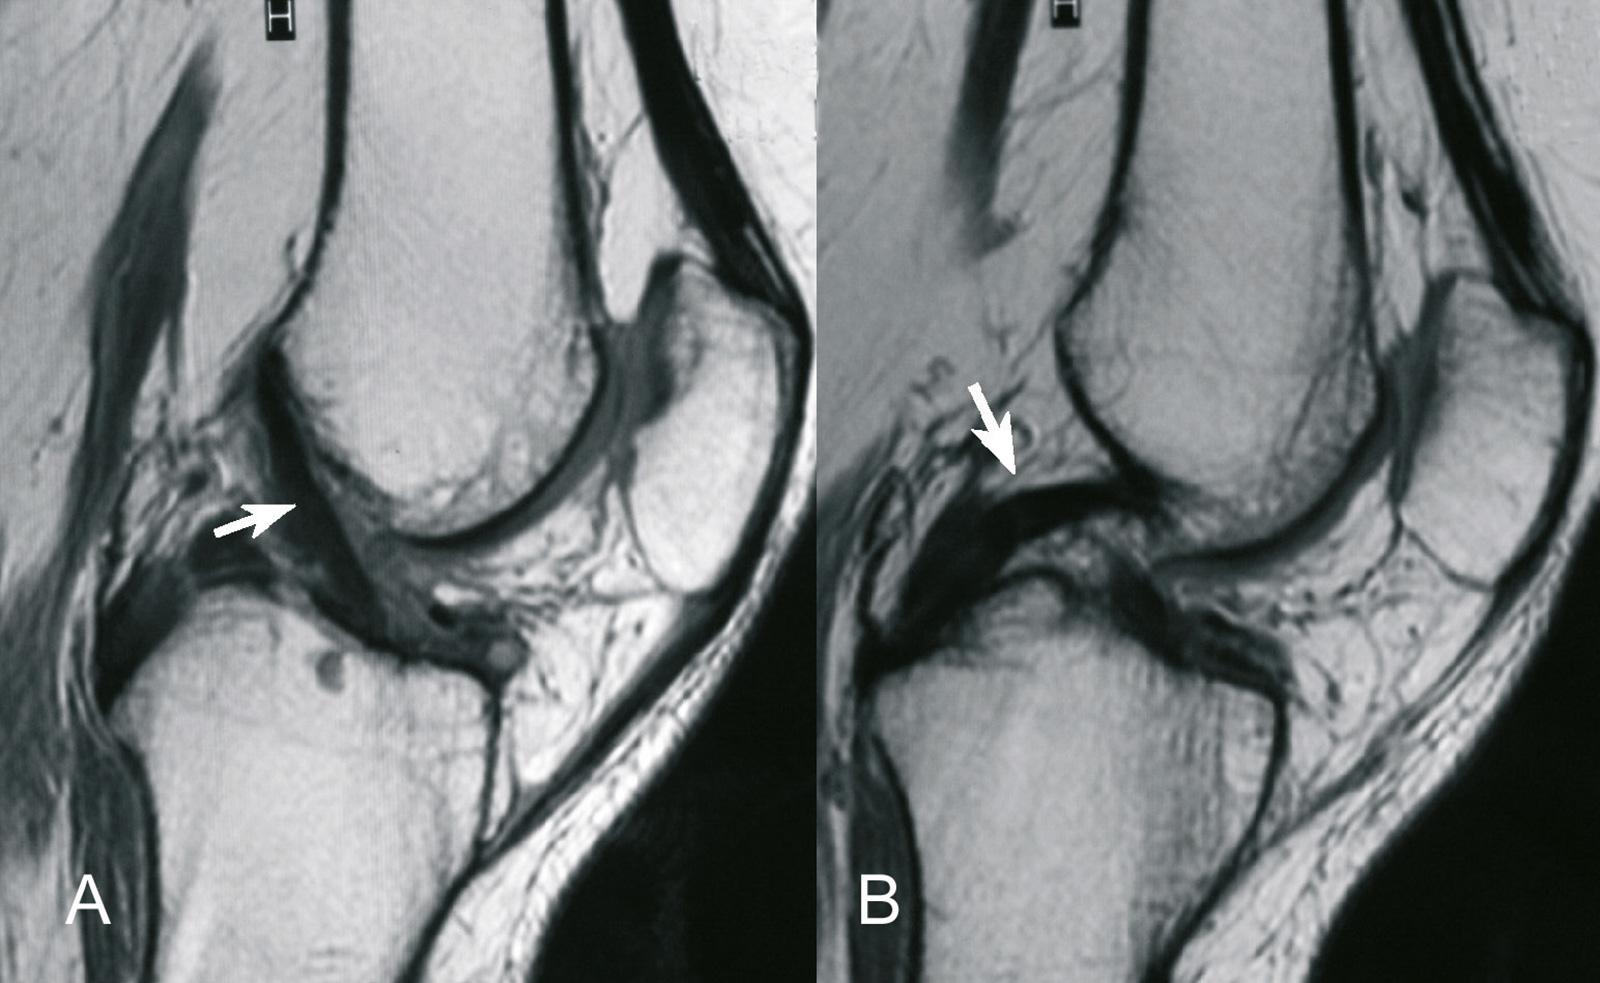 Abb. 2-41: MRT des Kniegelenks mit Darstellung des vorderen (A) und hinteren Kreuzbandes (B)